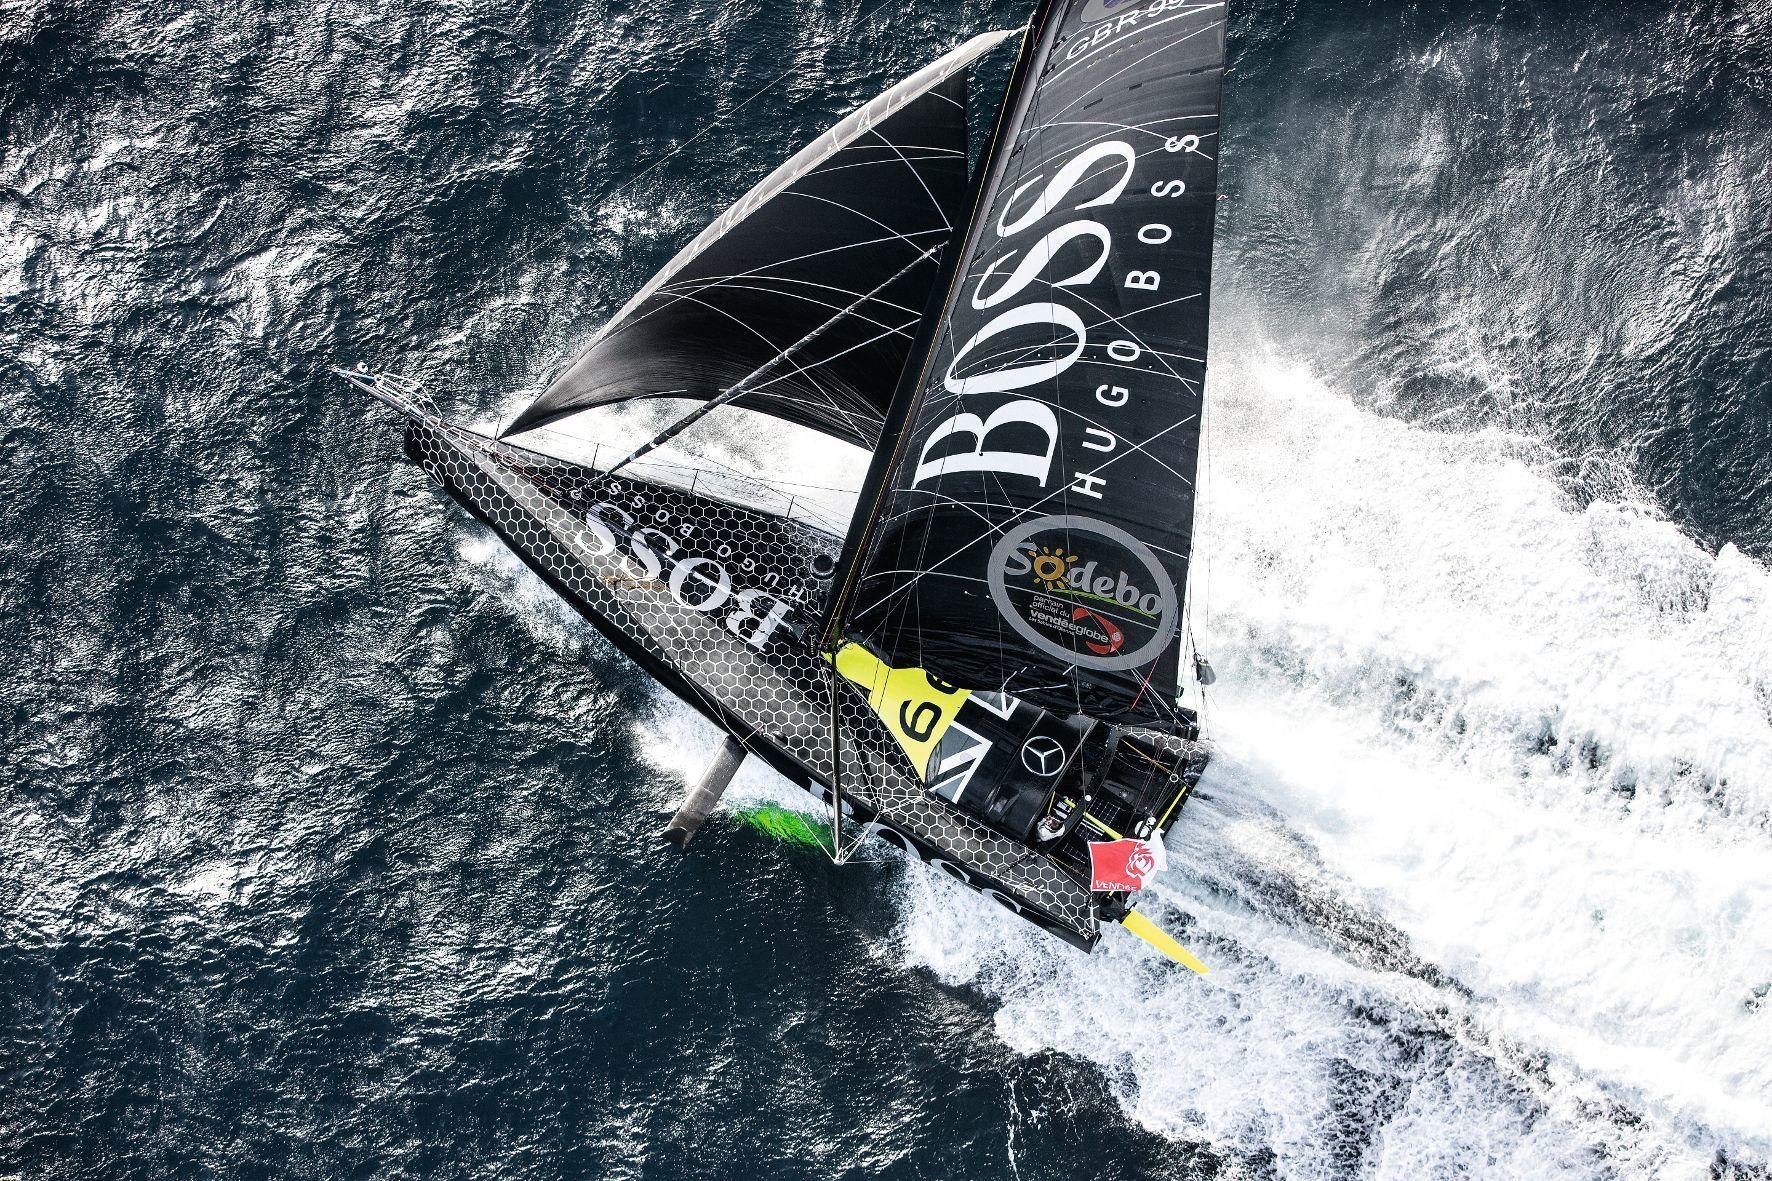 mid Monte-Carlo - Segeln auf Zeit ist etwas für Hartgesottene: Der Mensch und sein Boot gegen die Naturgewalten.